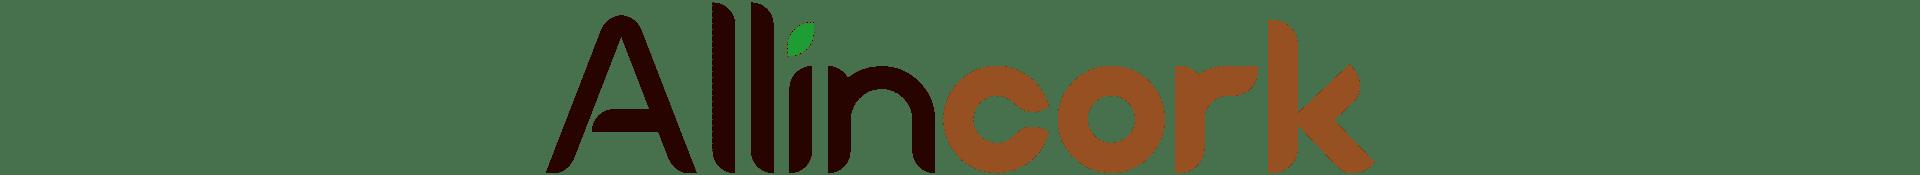 Allincork.net